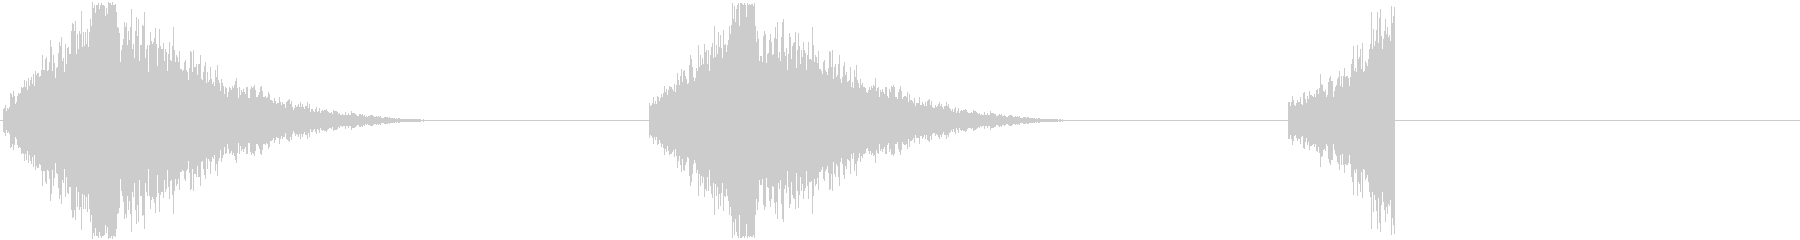 フラッシュバックエントリ+コンポー...の未再生の波形